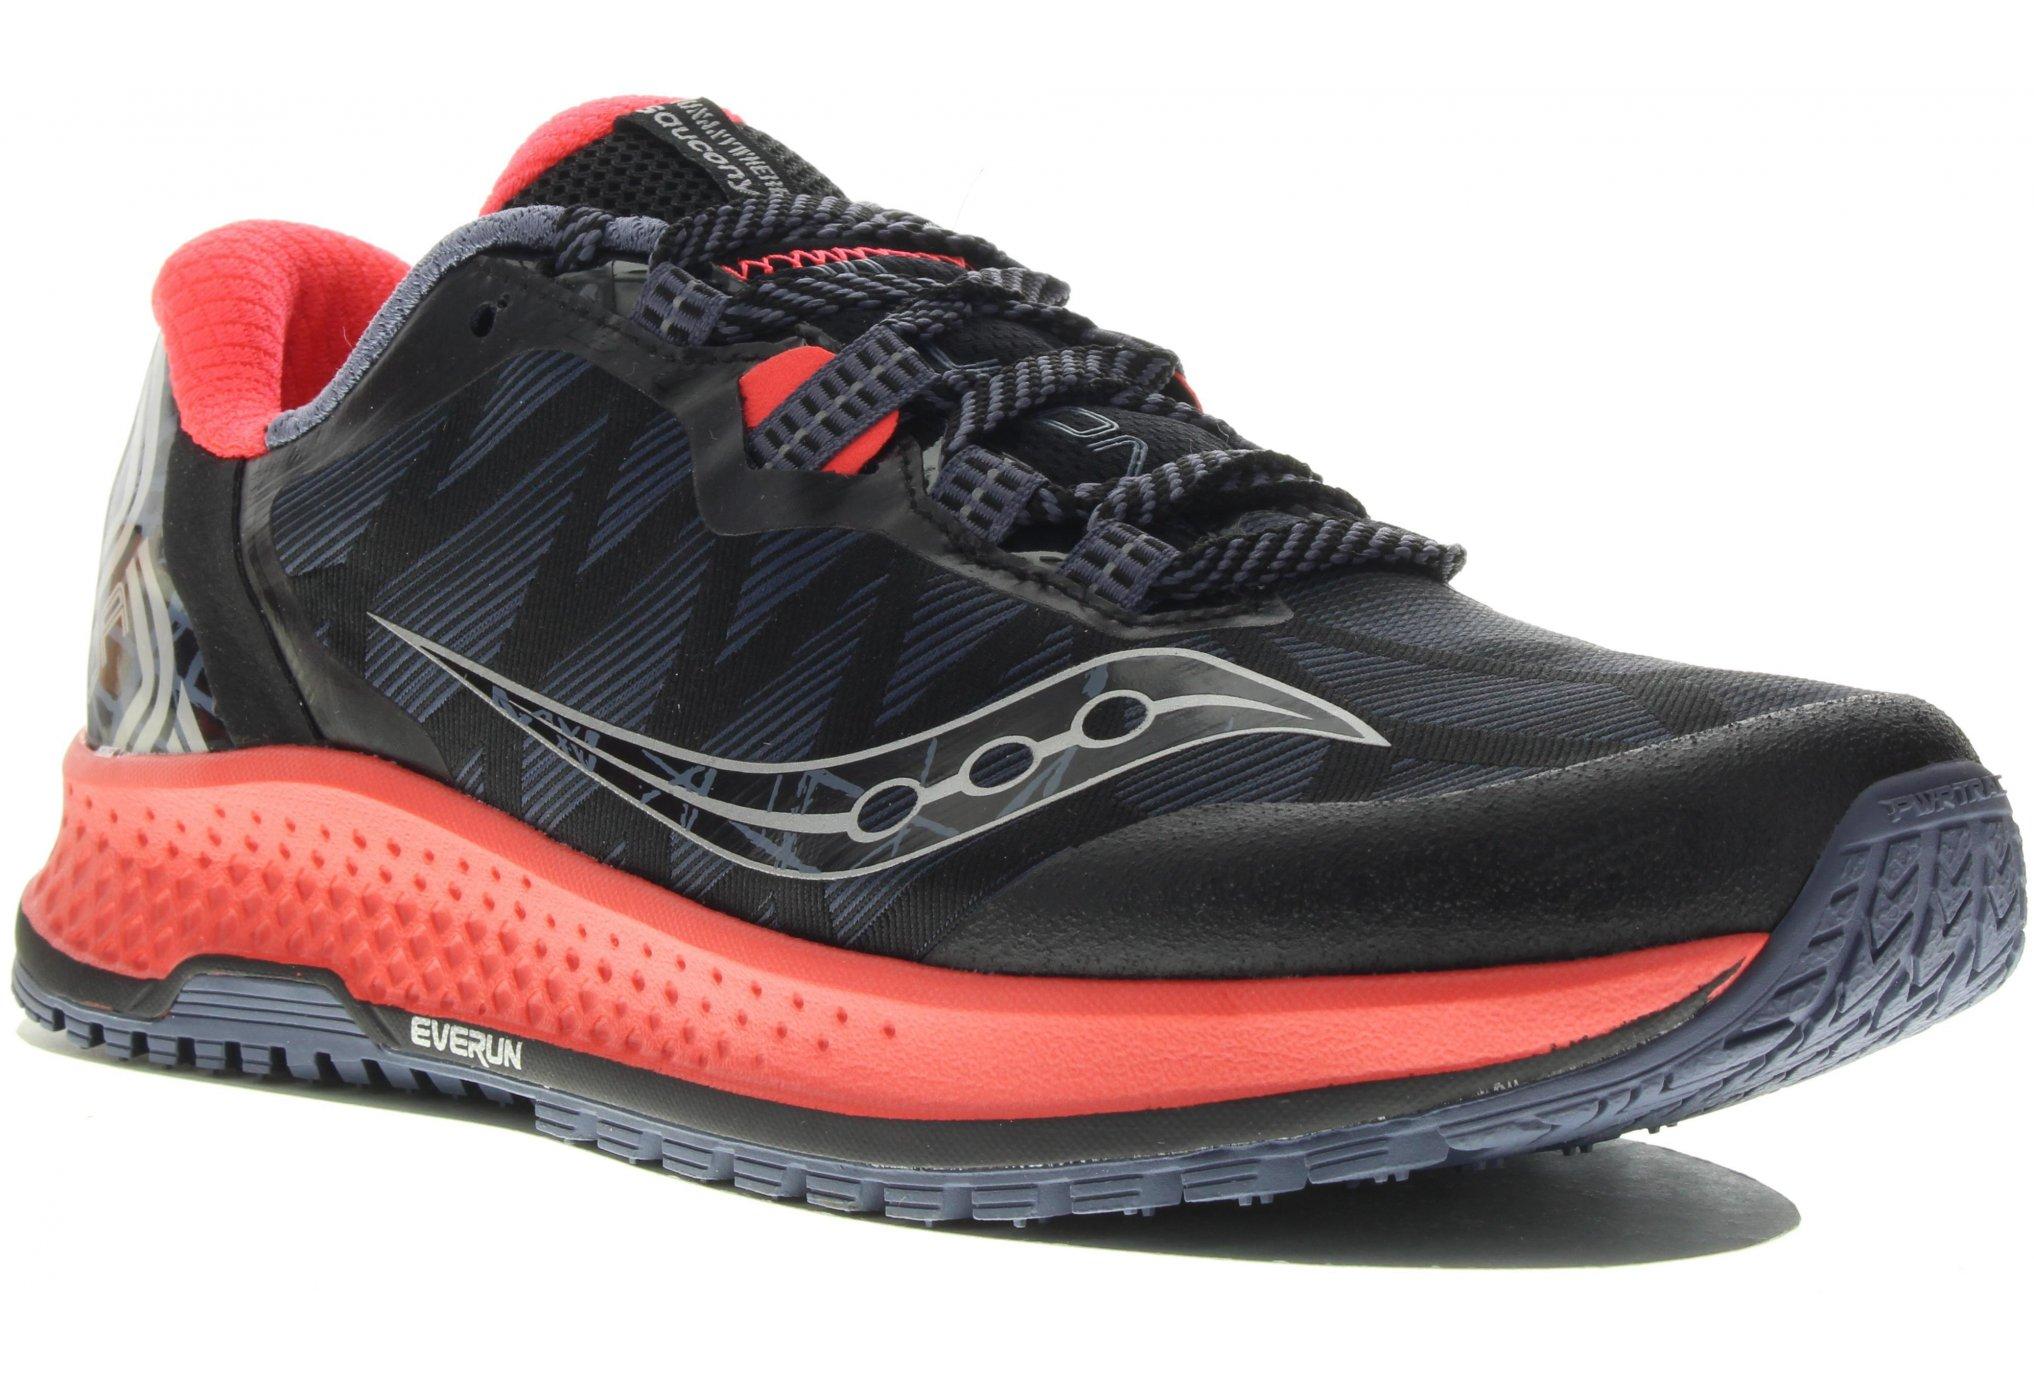 Saucony Koa TR Chaussures running femme